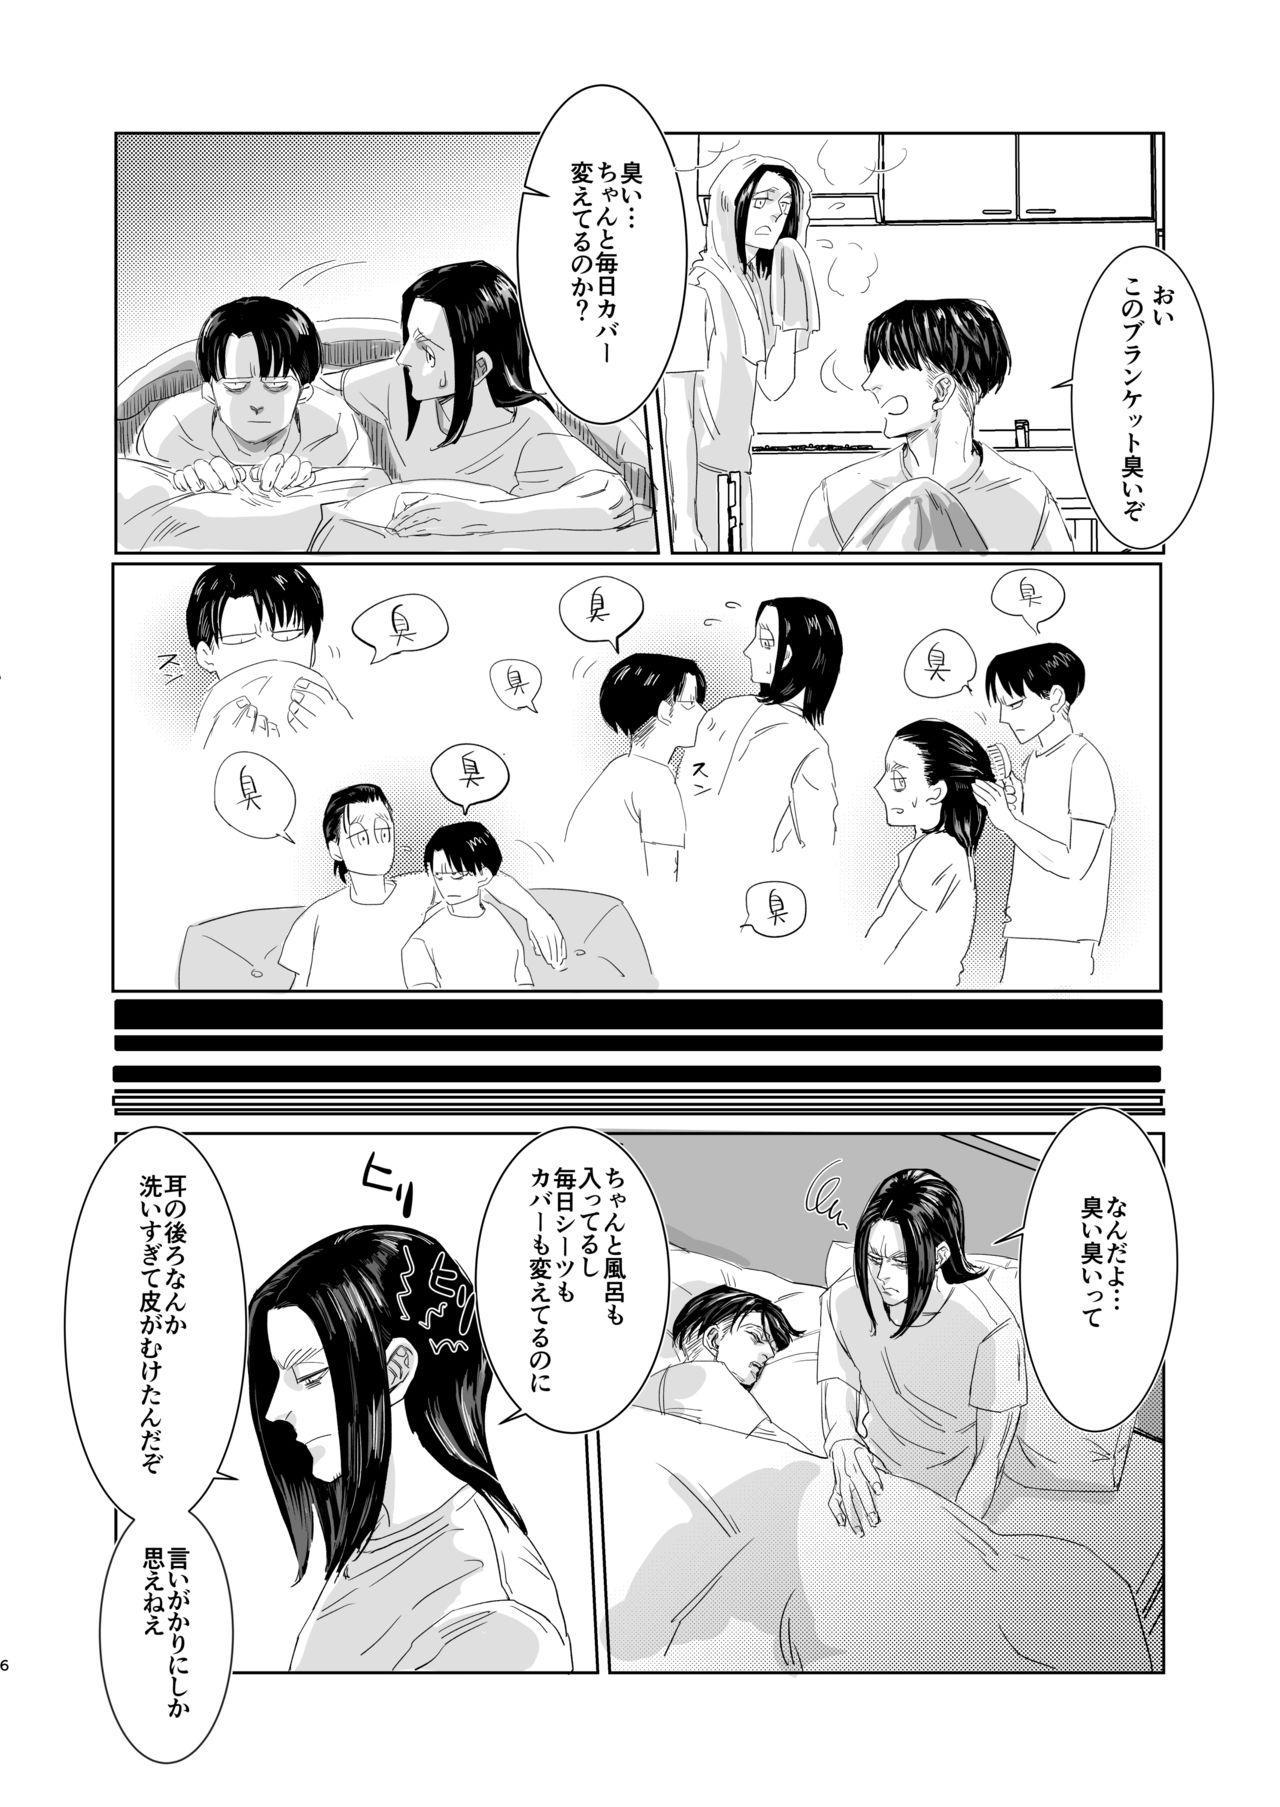 Ore no Kareshi ga Ore no Nioi o Sukisugite Komaru! 4